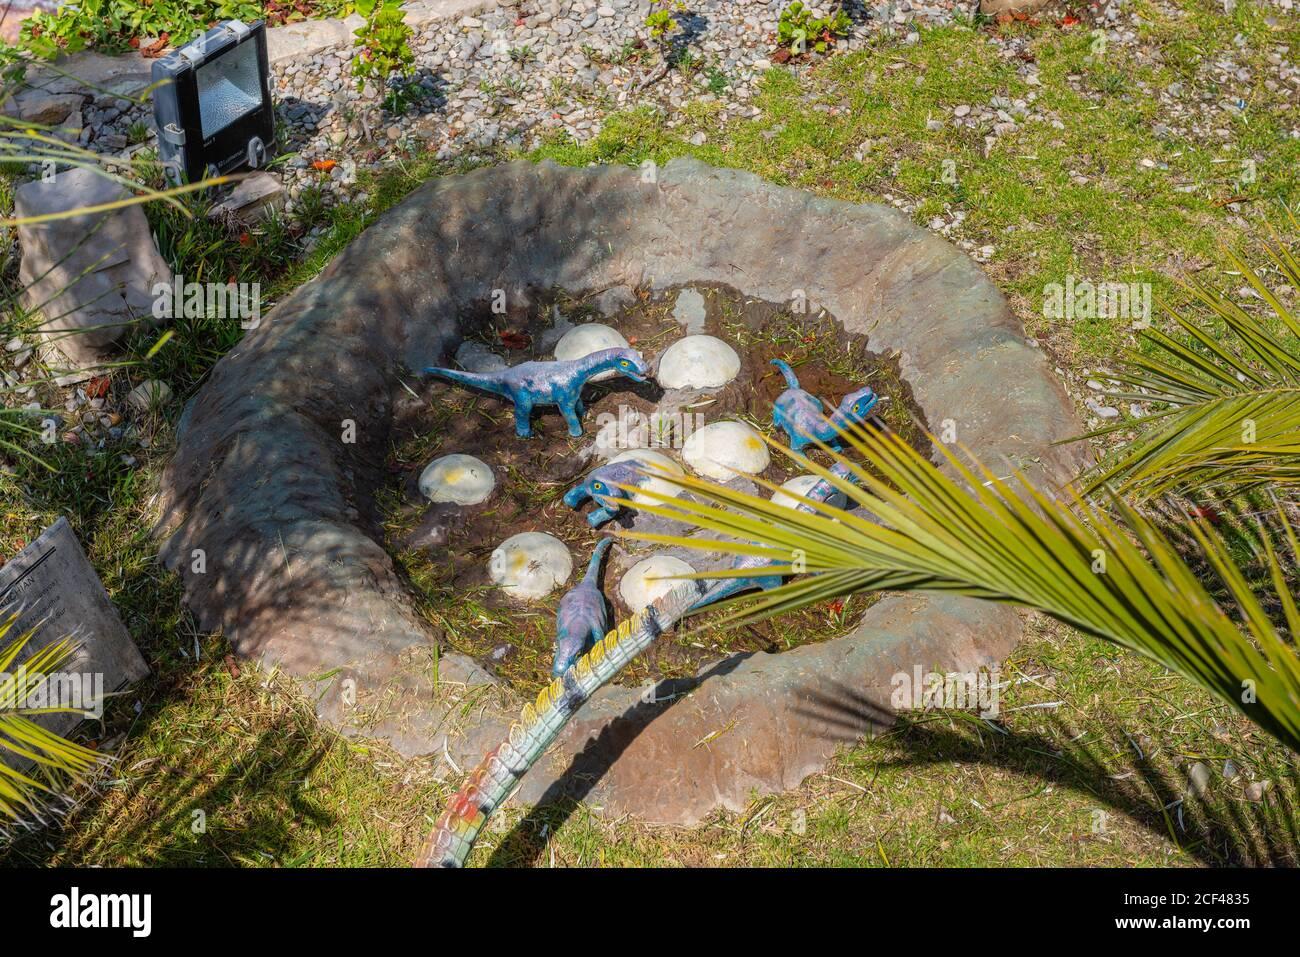 Parque Cretacico Near Sucre Sucre Constitutional Capital Of Bolivia Capital Of The Chuquisaca Department Bolivia Latin America Stock Photo Alamy